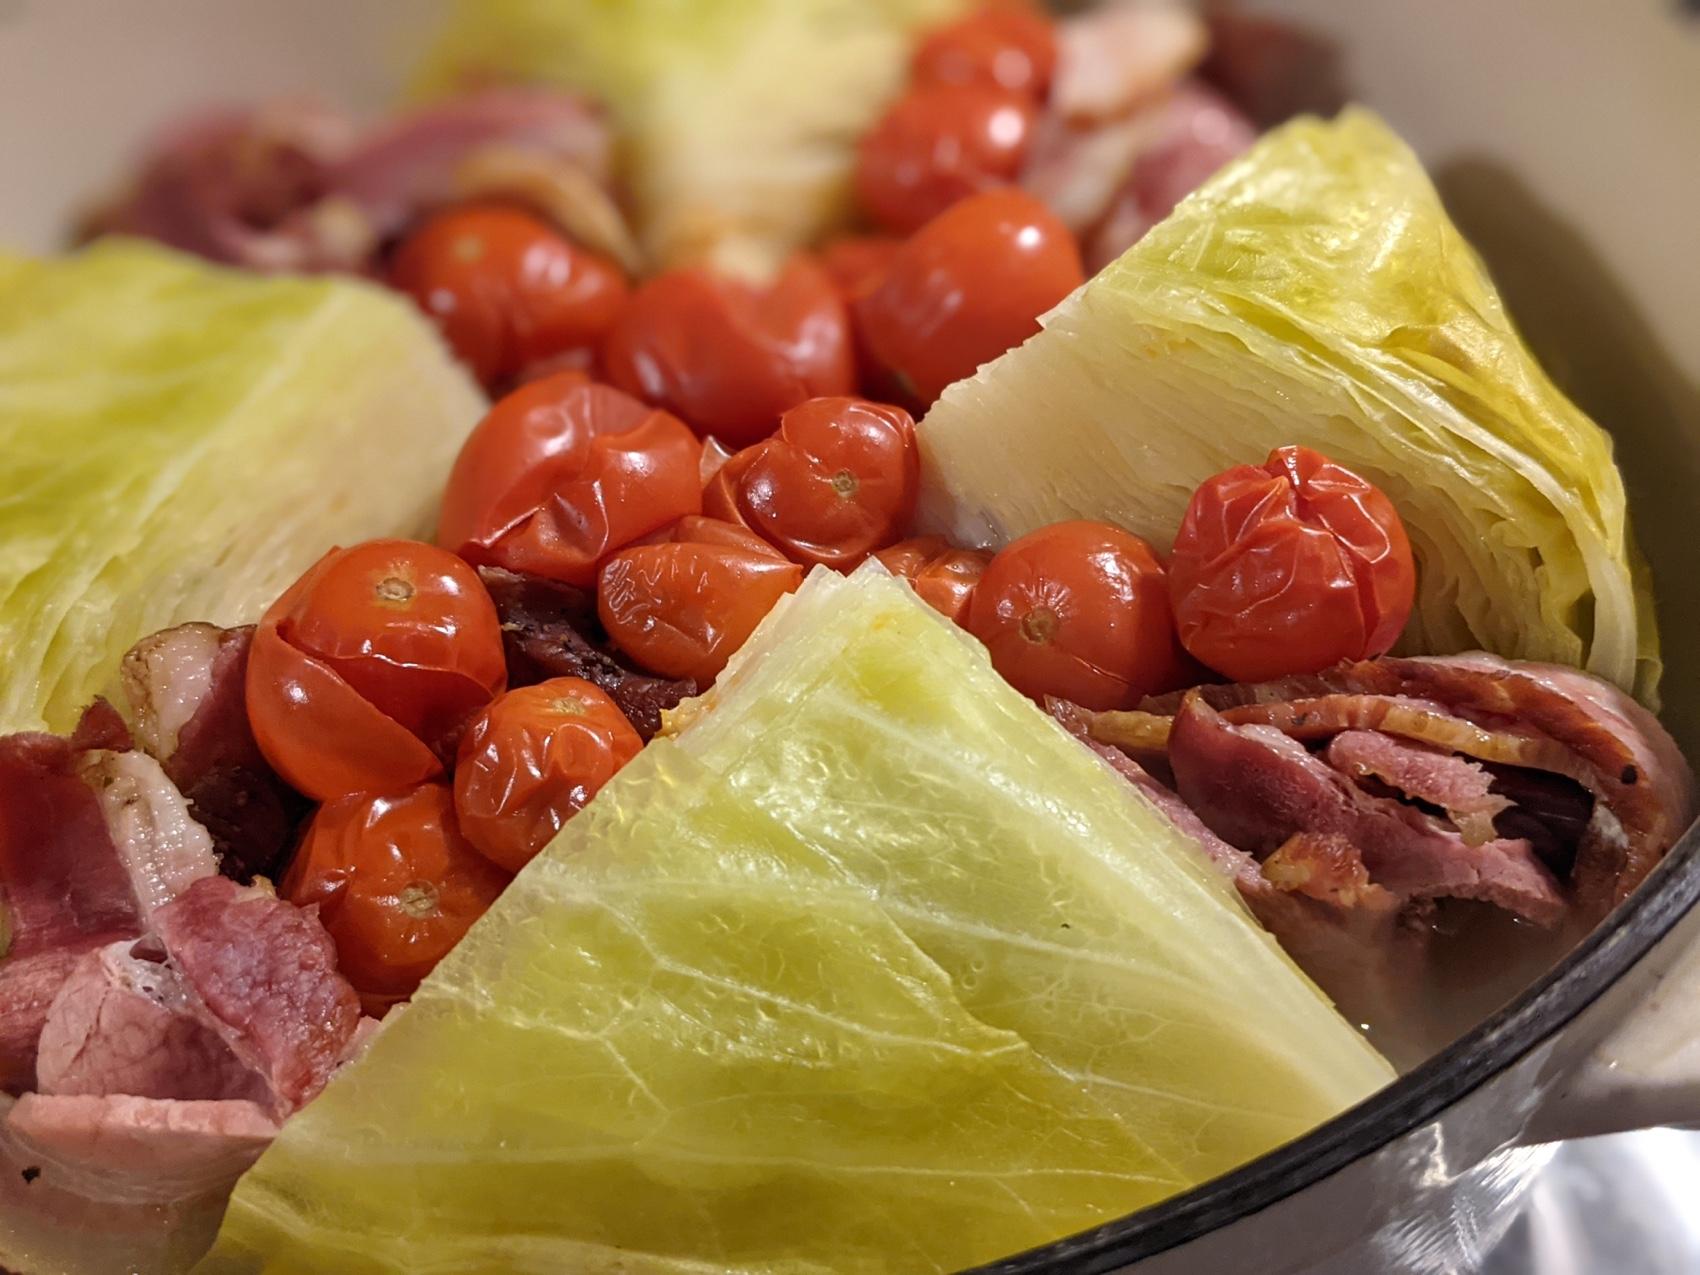 バーミキュラで無水調理した野菜スープ